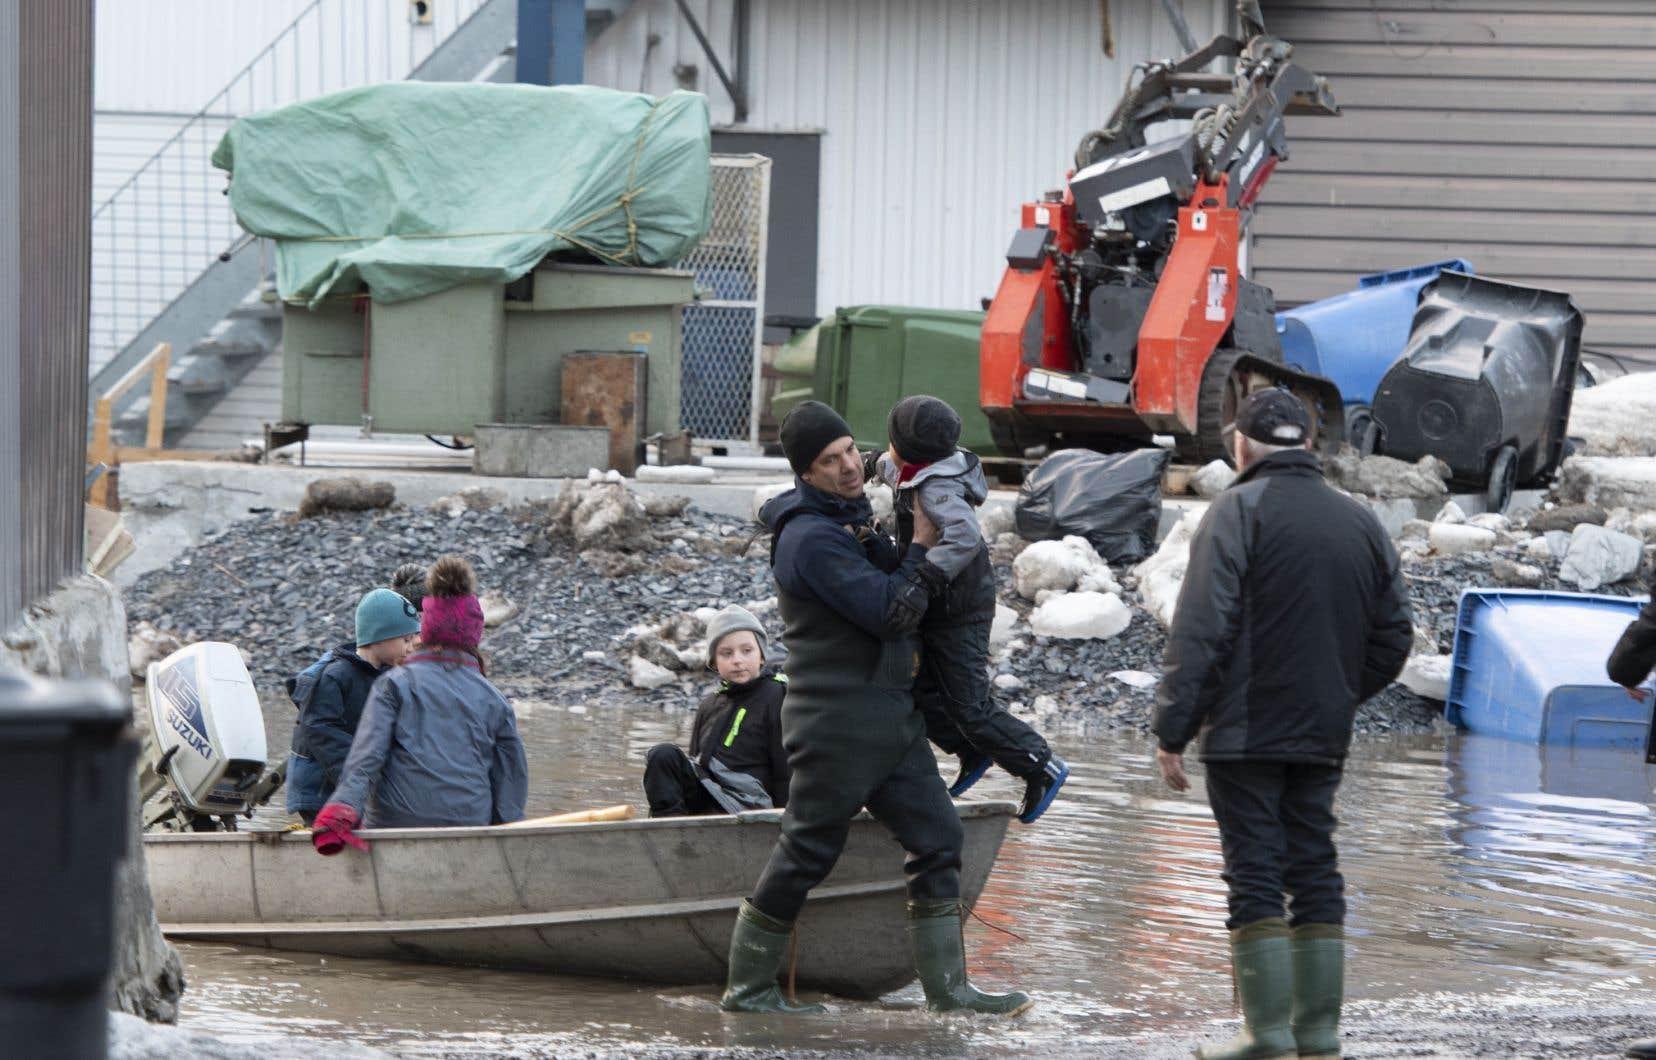 Dimanche matin, on comptait déjà 980 résidences inondées et 1264 personnes évacuées.